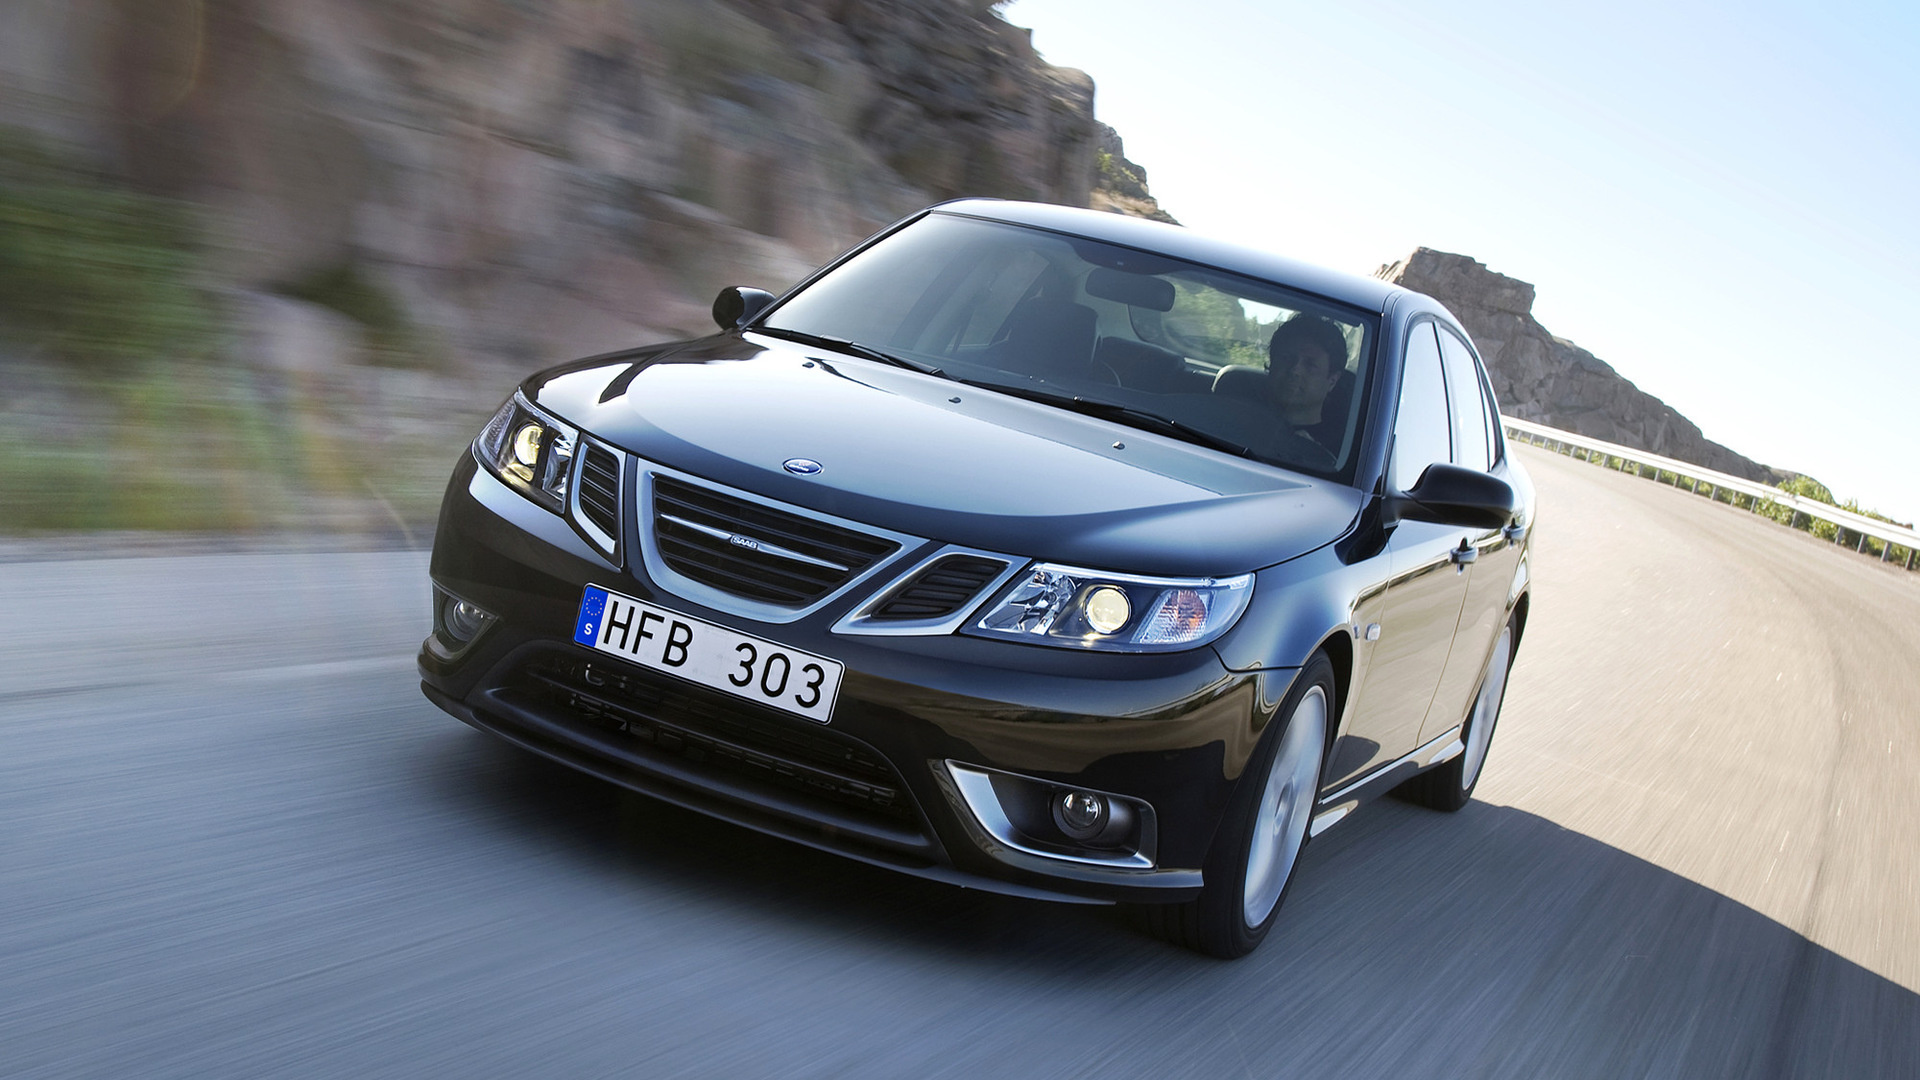 2008 Saab 9 3 Aero >> 2008 Saab 9-3 Turbo X Sport Sedan - Wallpapers and HD ...